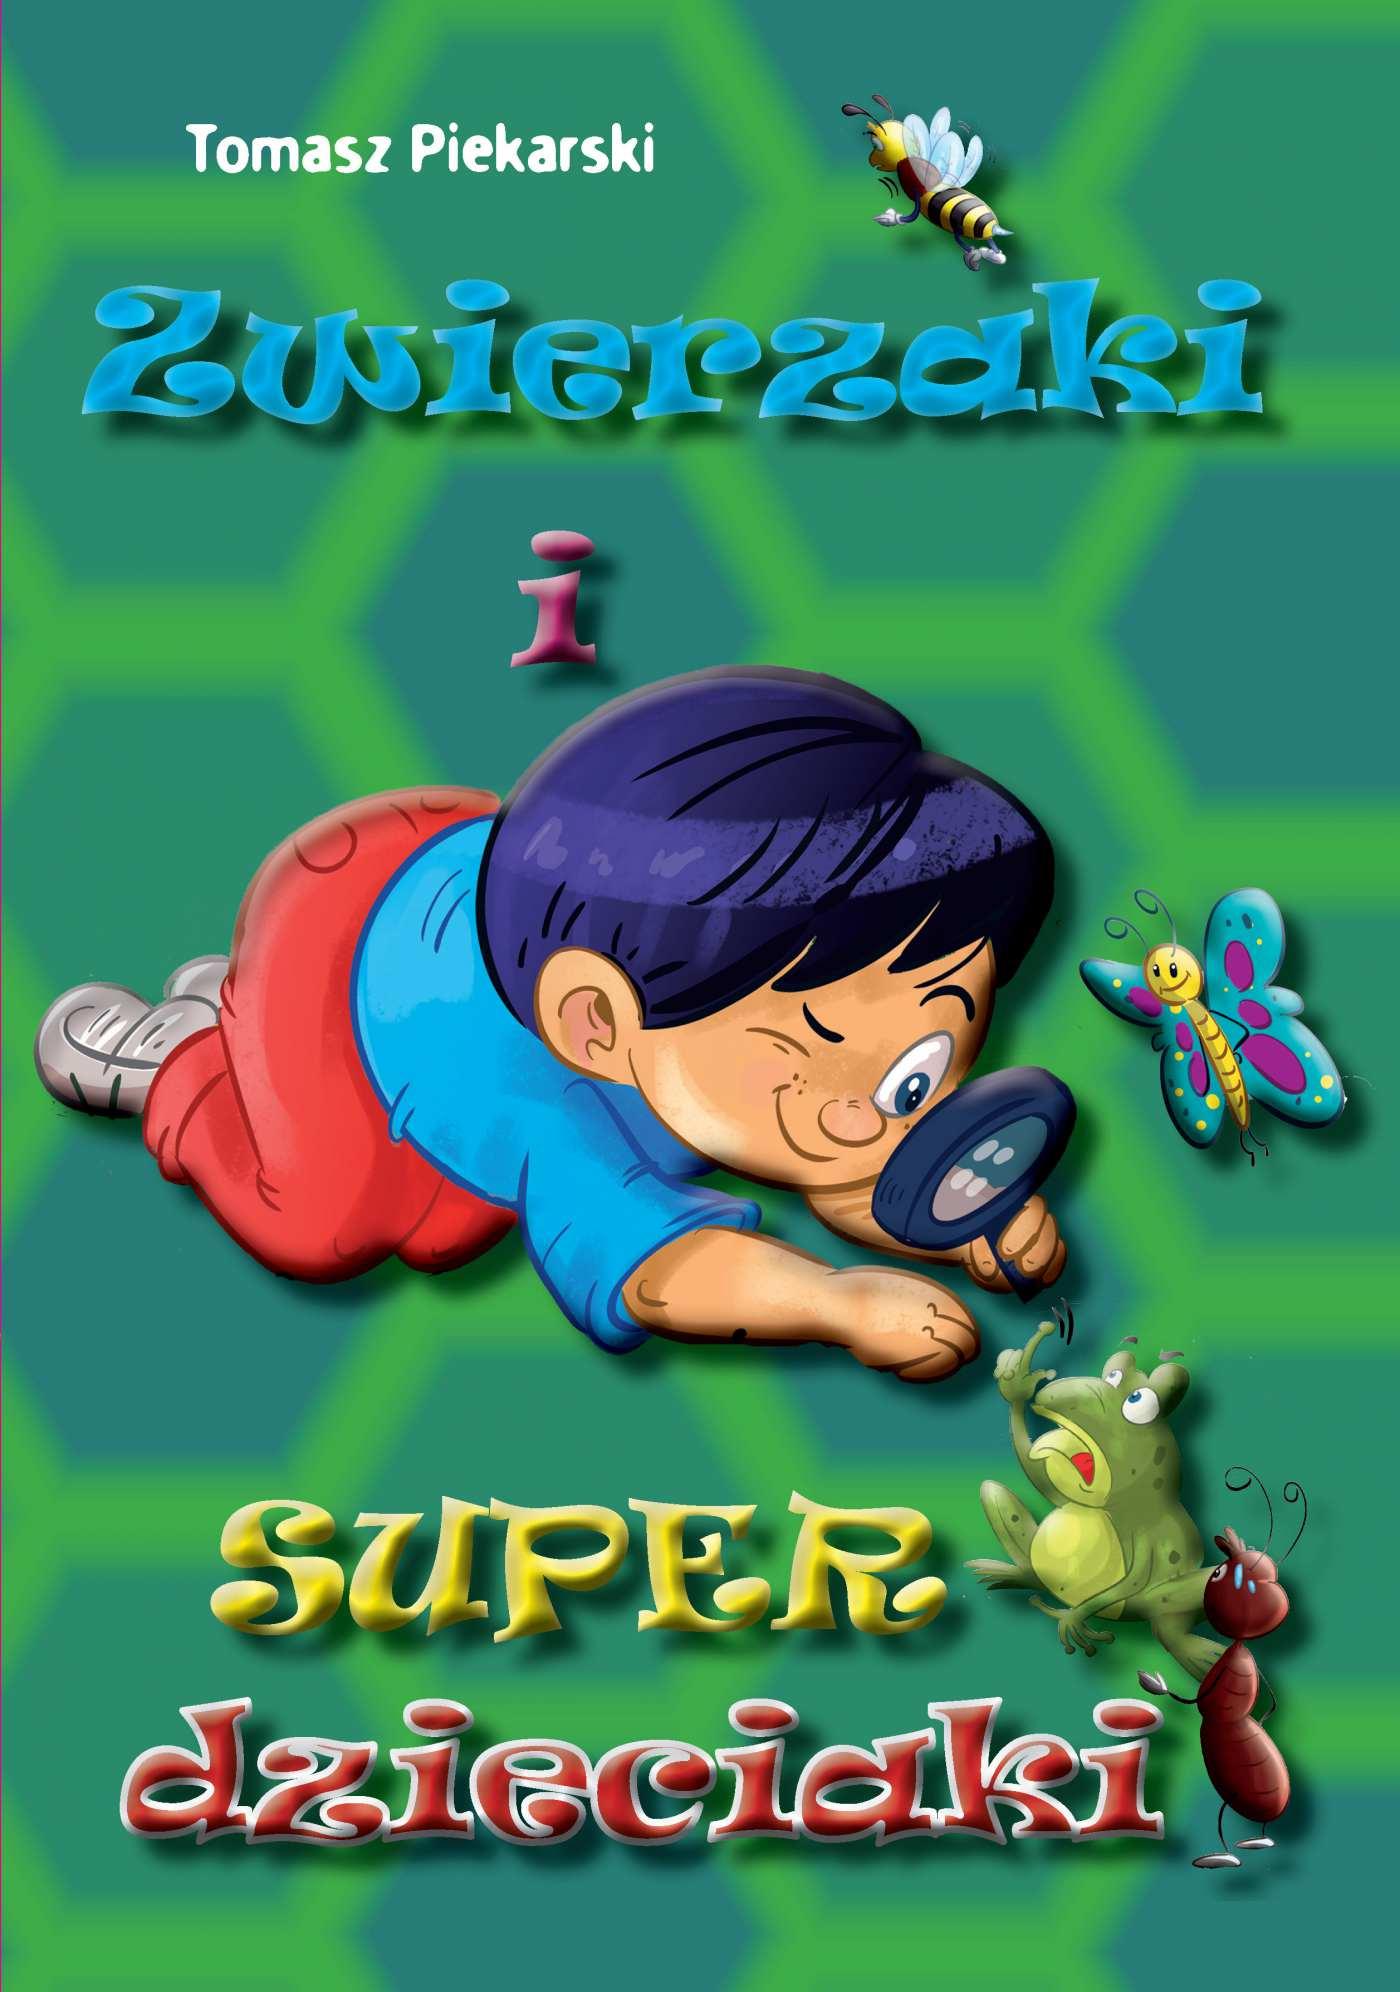 Zwierzaki i super dzieciaki - Ebook (Książka PDF) do pobrania w formacie PDF